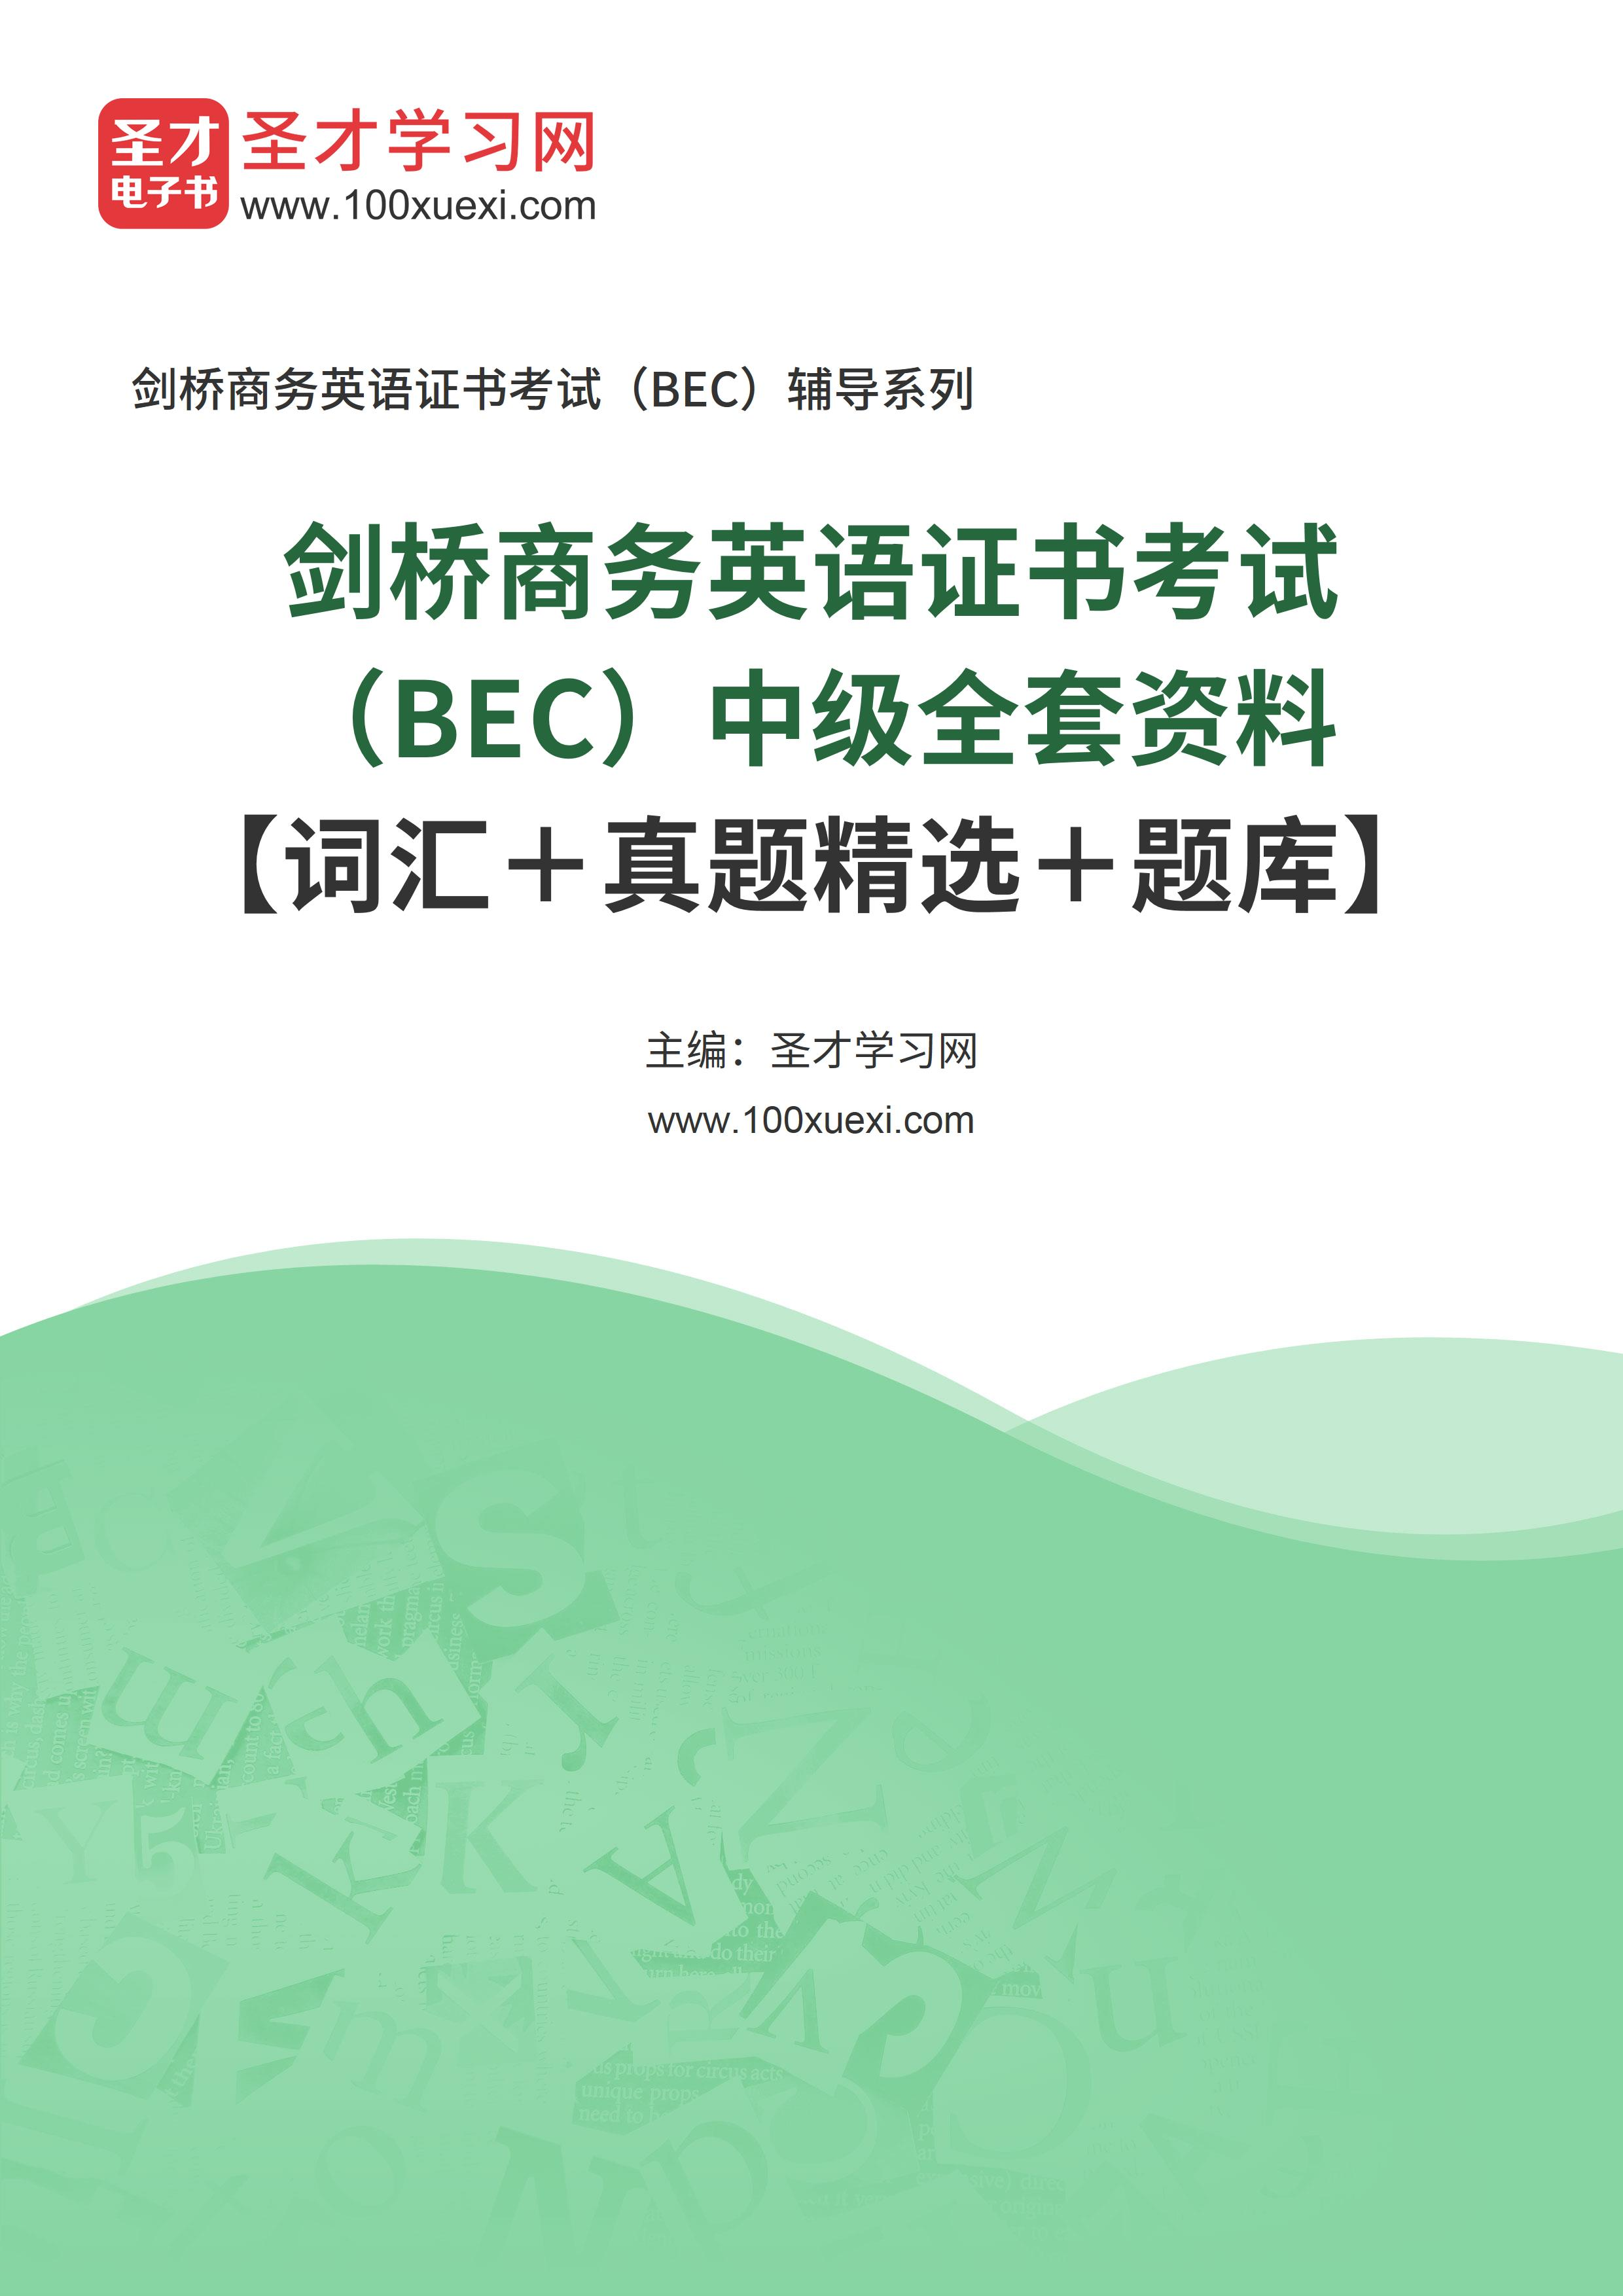 2021年剑桥商务英语证书考试(BEC)中级全套资料【词汇+真题精选+题库】